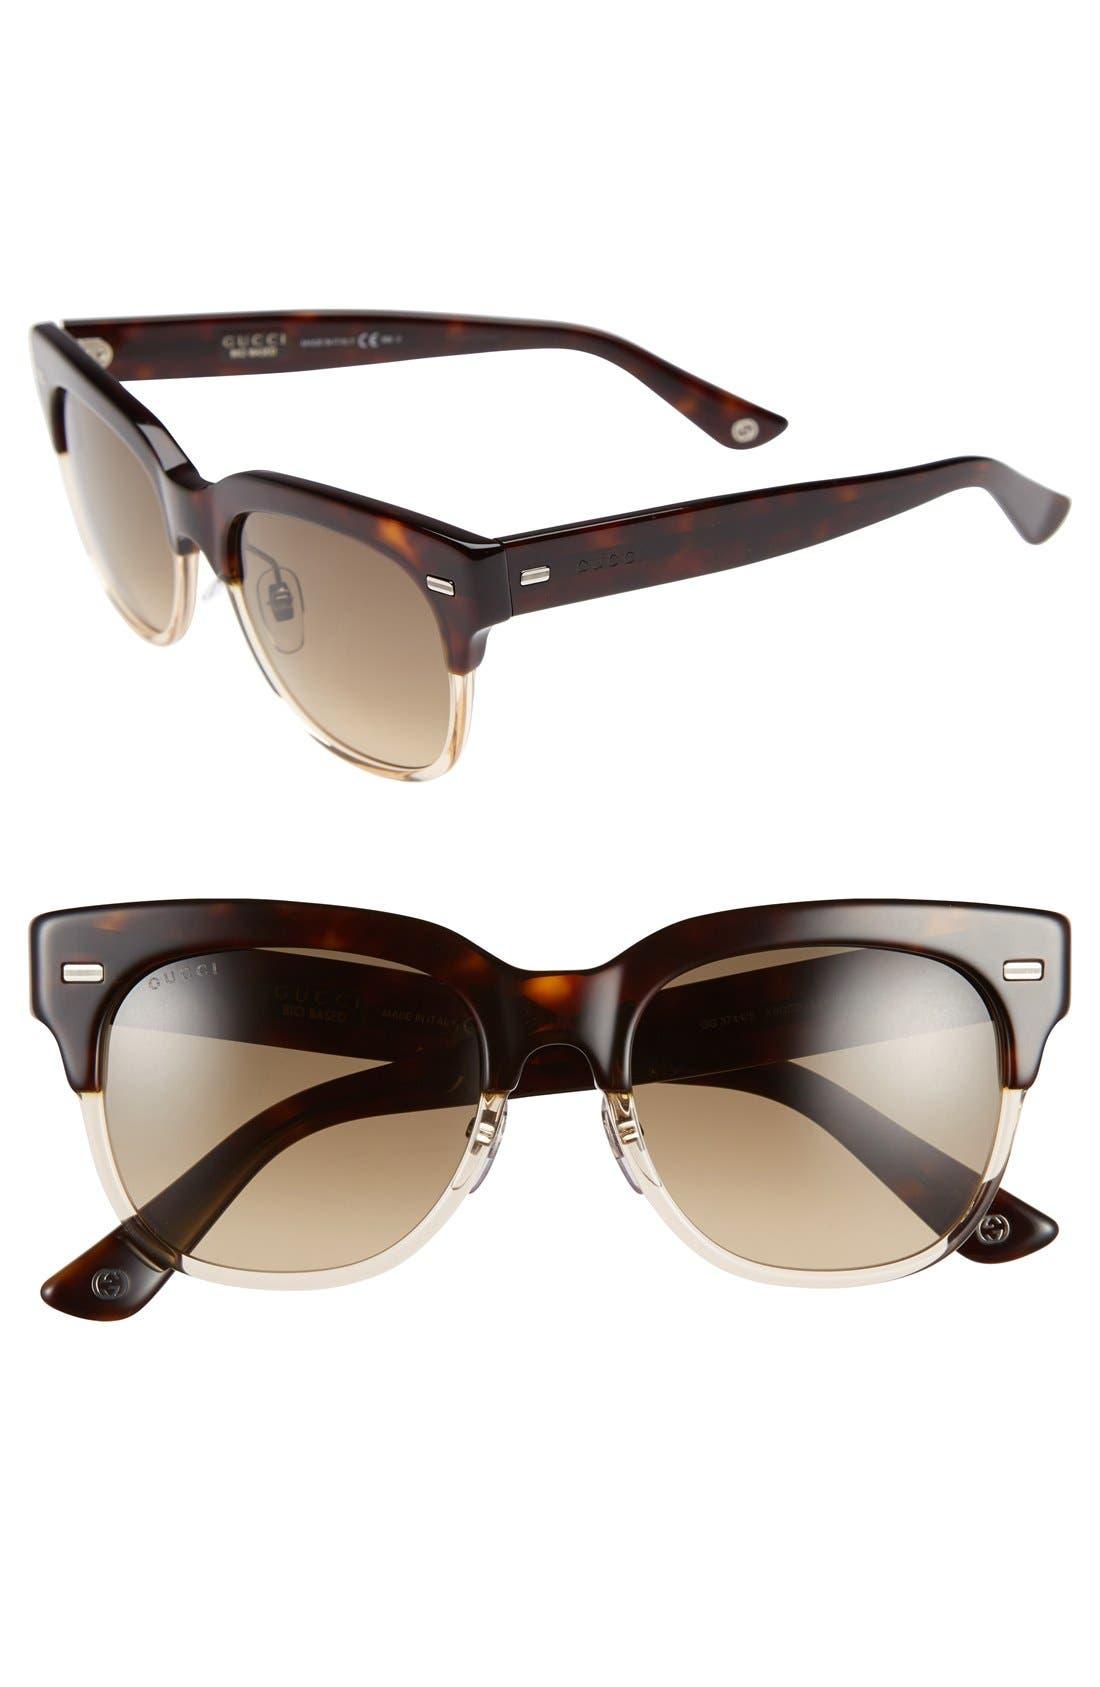 Main Image - Gucci 52mm Retro Sunglasses